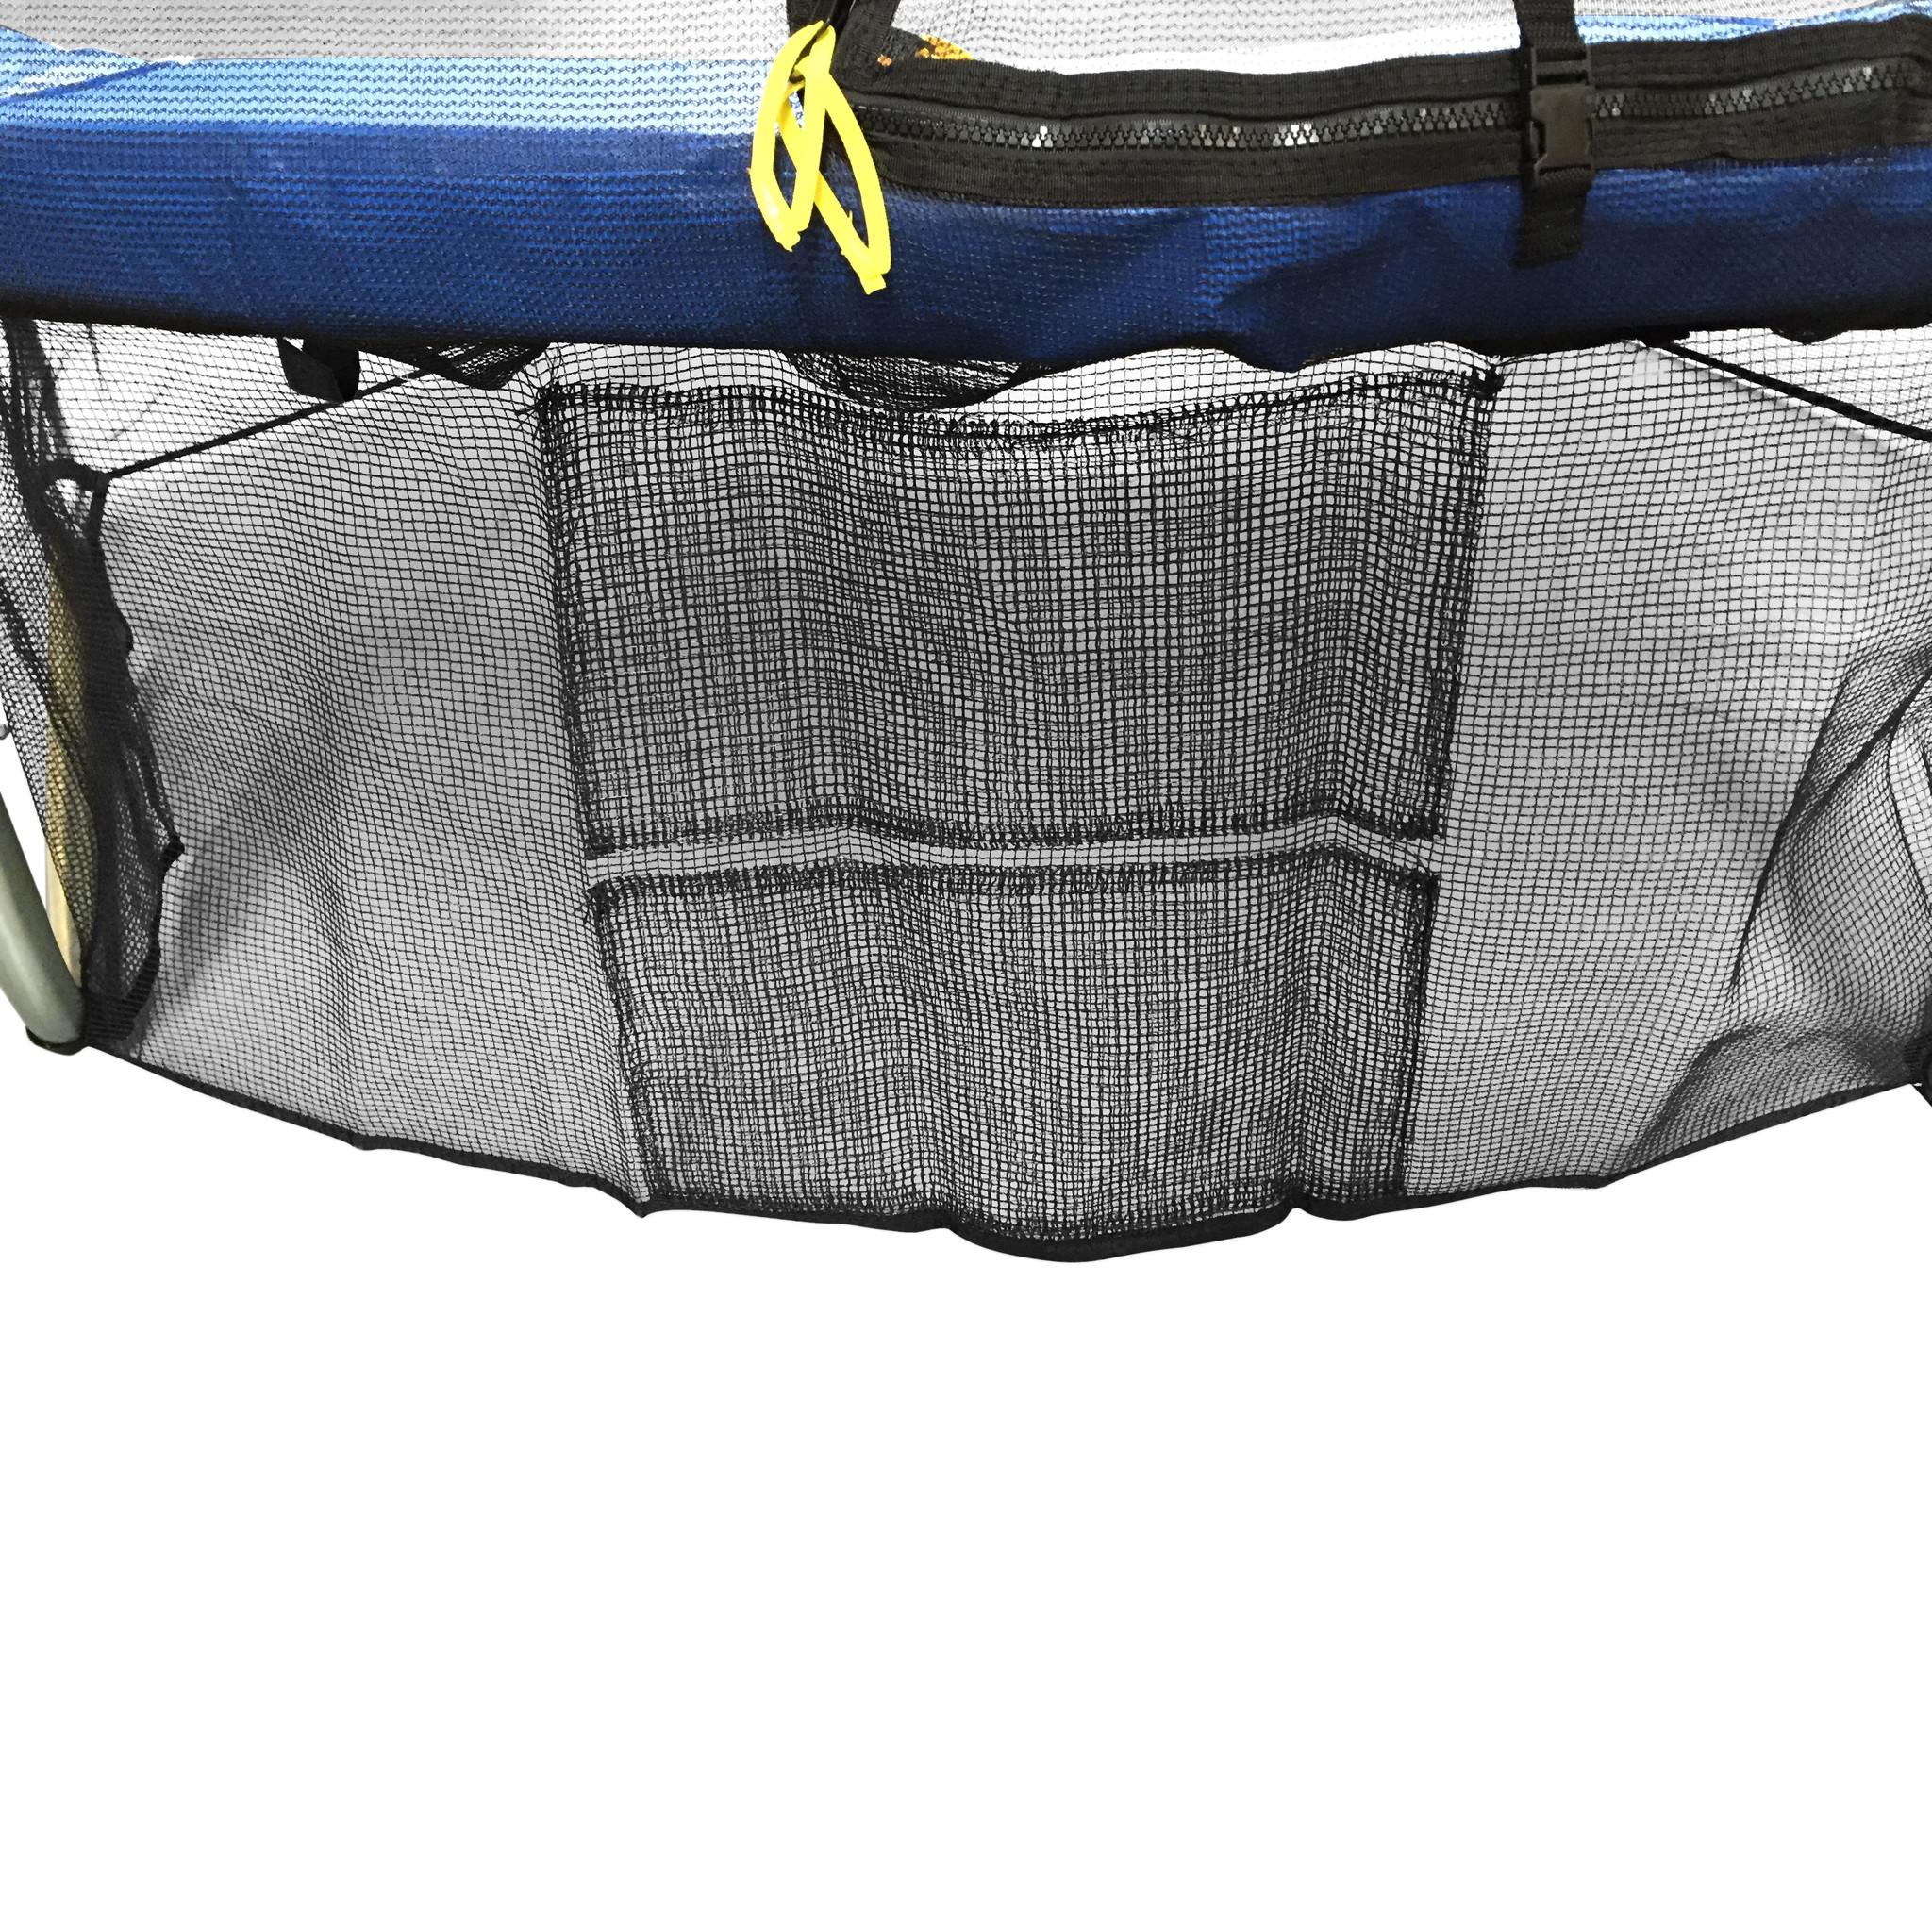 Veiligheidsnet voor onder trampoline - 244 cm - Ondernet - FB